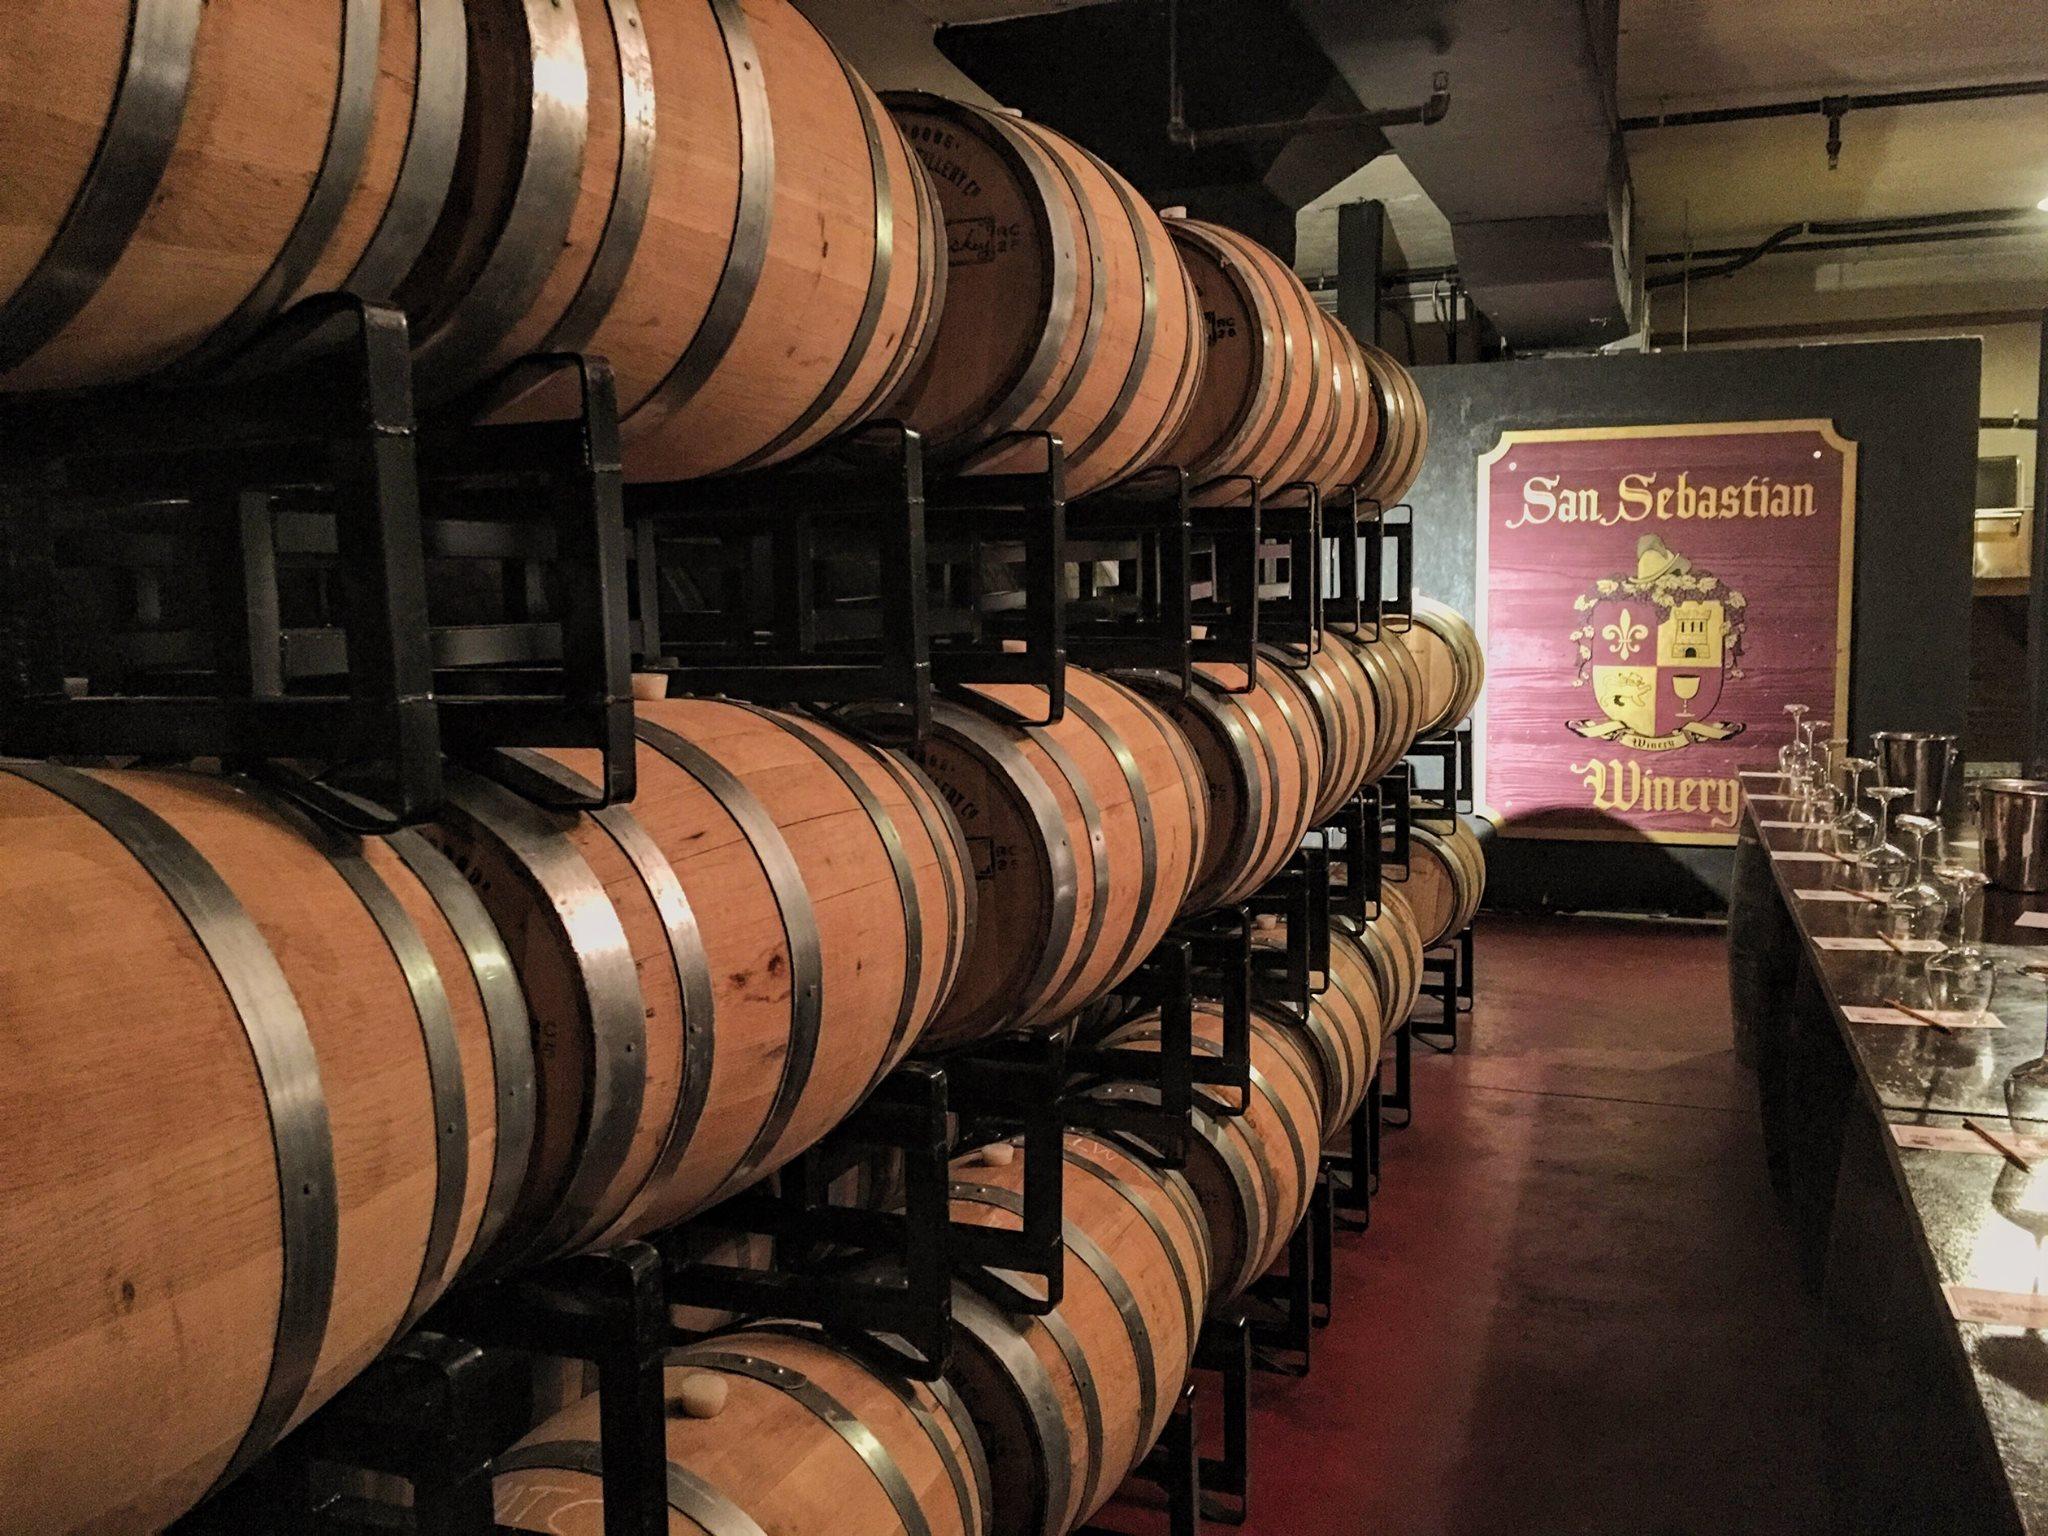 San Sebastian Winery